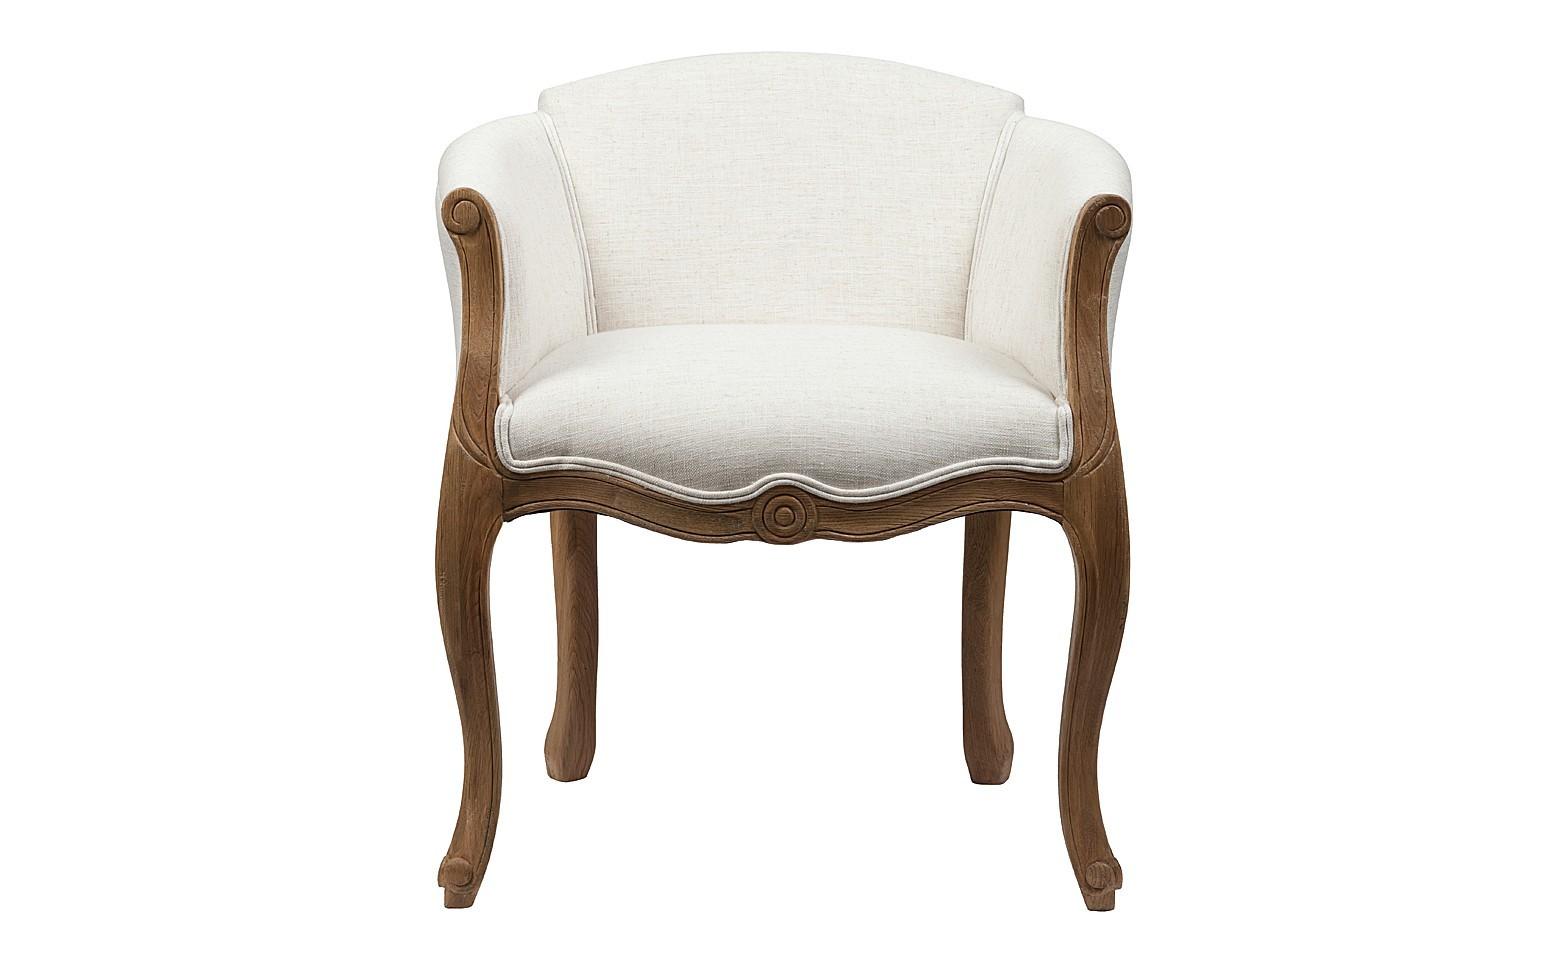 Кресло Cabriole ElizabethПолукресла<br>Созданное в модном старинном дизайне кресло Cabriole Elizabeth будет смотреться в вашем доме просто роскошно. Конструкция кресла создана из добротного дерева, что гарантирует его долгую эксплуатацию. Гнутые фигурные ножки и резьба по всему каркасу подчеркивают утонченность продукта. Для обивки использована особая синтетическая ткань  — полиэстер, которая отличается прочностью и долговечностью, и своей спокойной белой расцветкой располагает к отдыху. В качестве наполнителя использован мягкий упругий поролон, который не проваливается при длительном сидении.<br><br>Material: Дерево<br>Width см: 58<br>Depth см: 54<br>Height см: 66